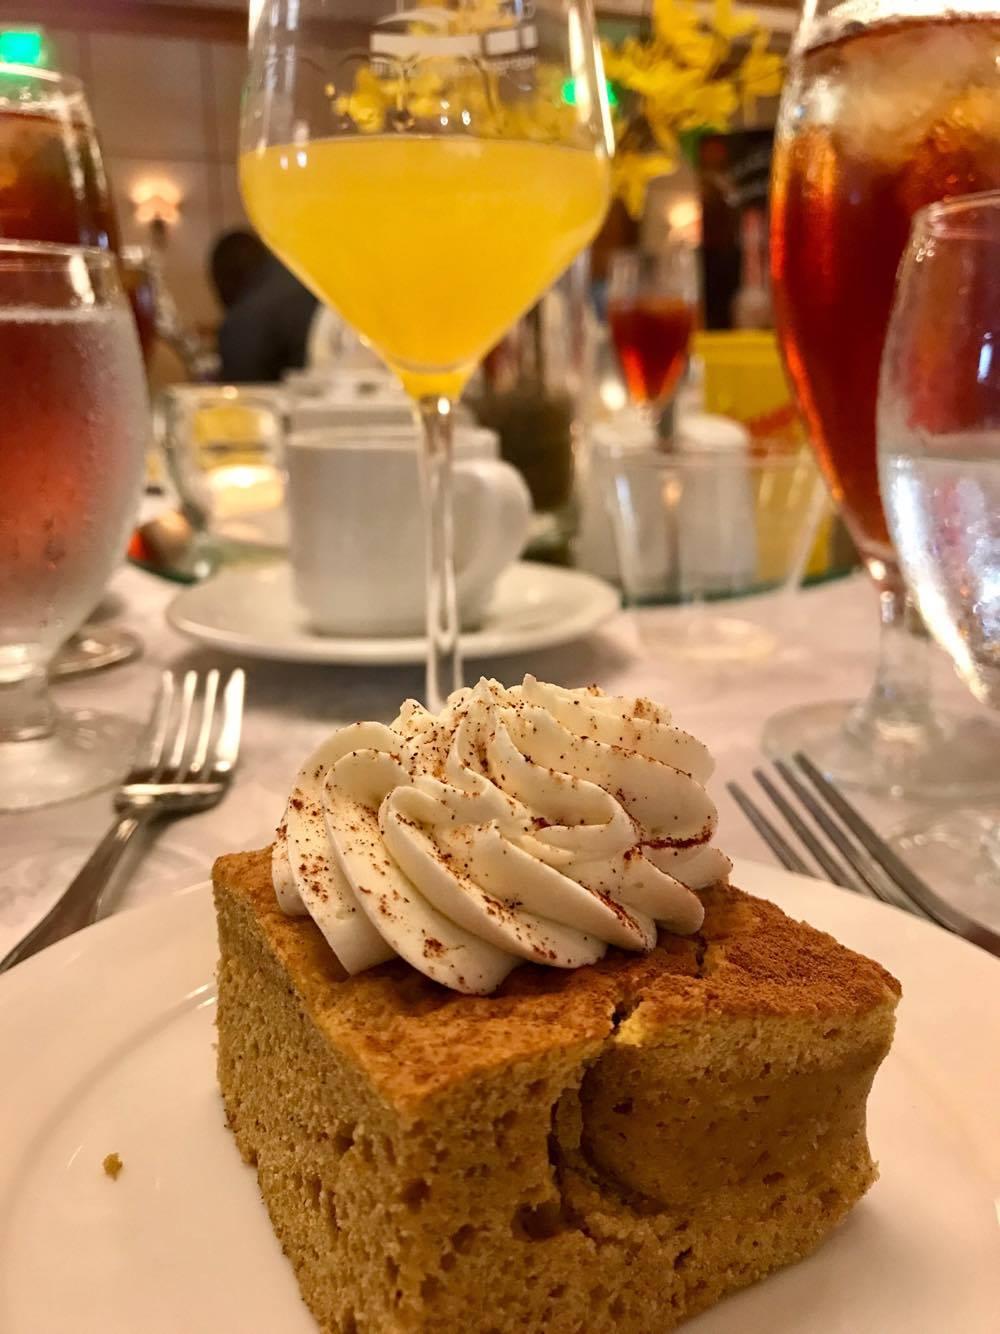 Spiritual Brunch - Delicious Pumpkin Dessert - St Simons Island Food Spirits Festival